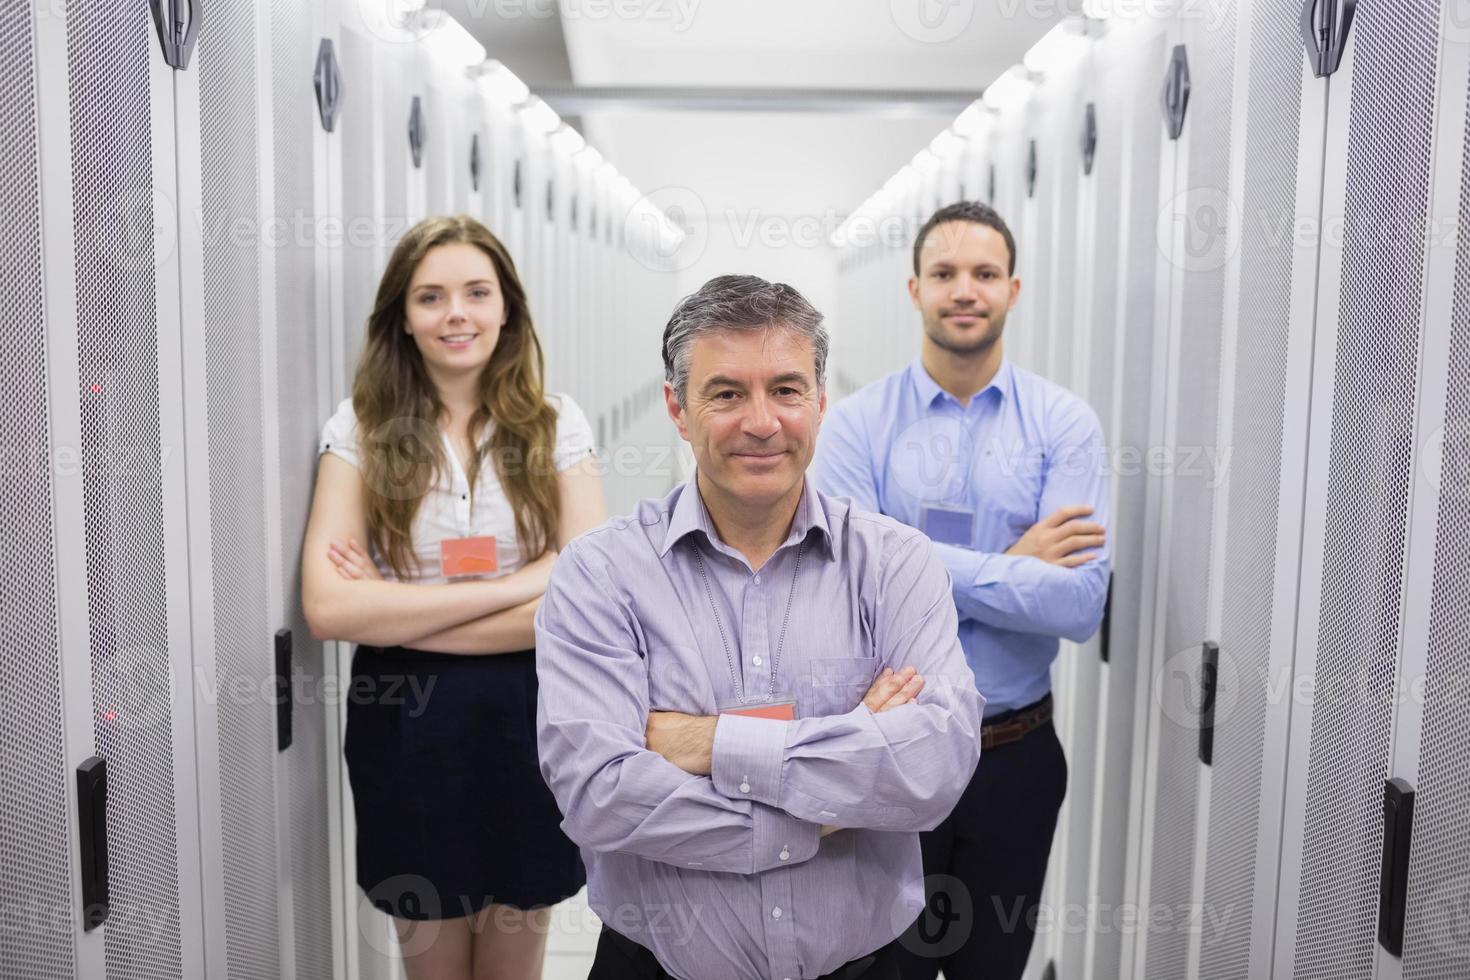 três pessoas sorridentes em pé no centro de dados foto